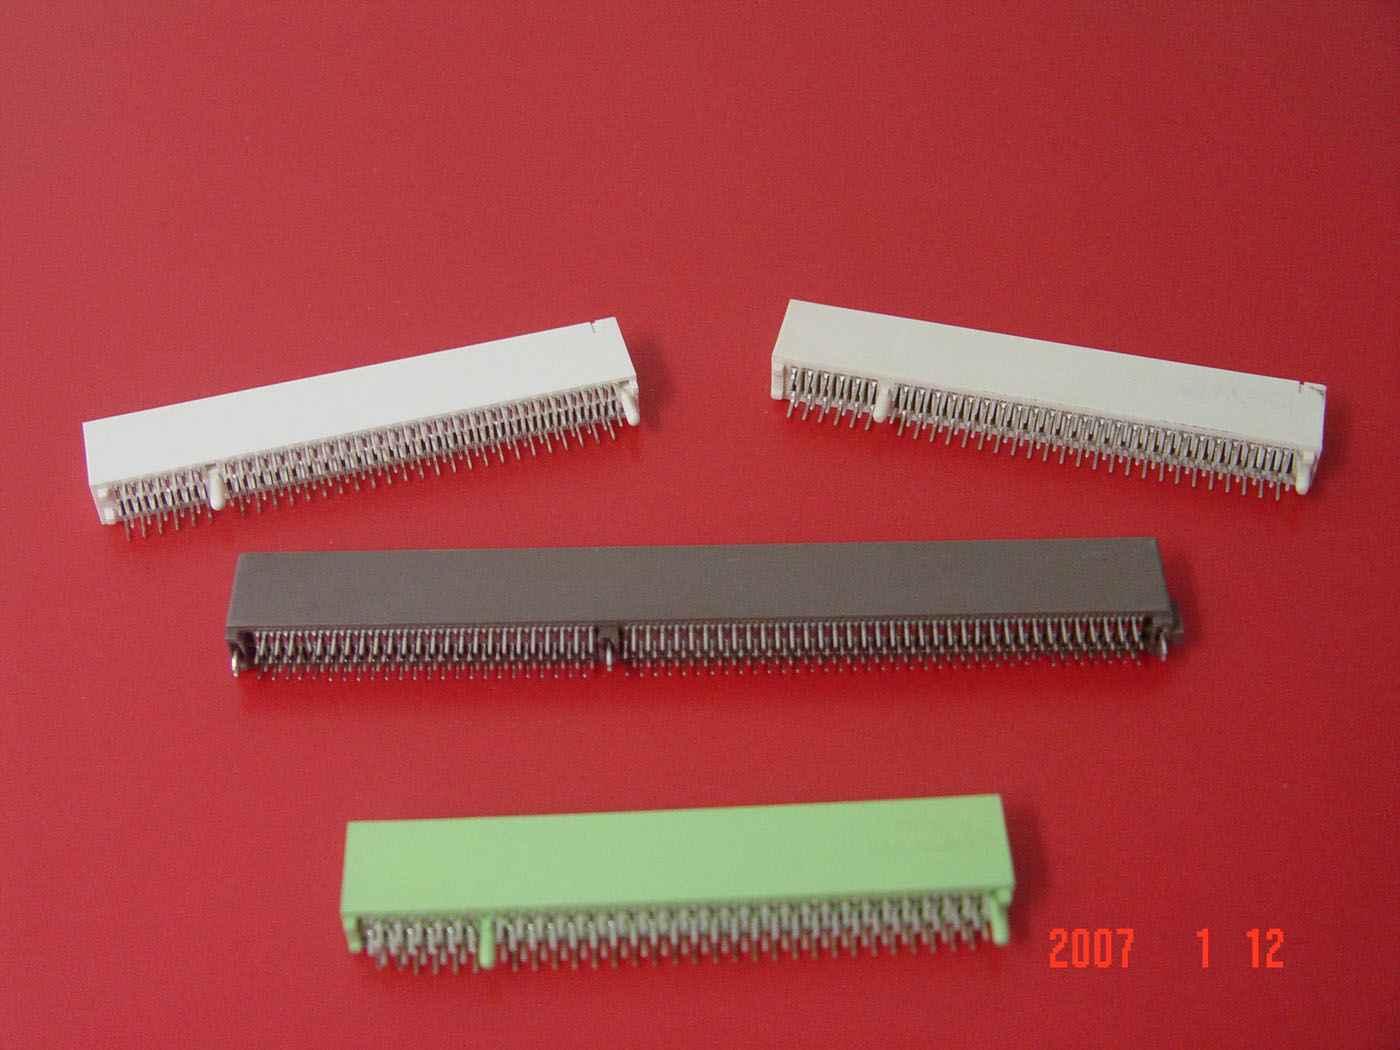 总线/锁紧/CY401/SYD/PC104 第26张